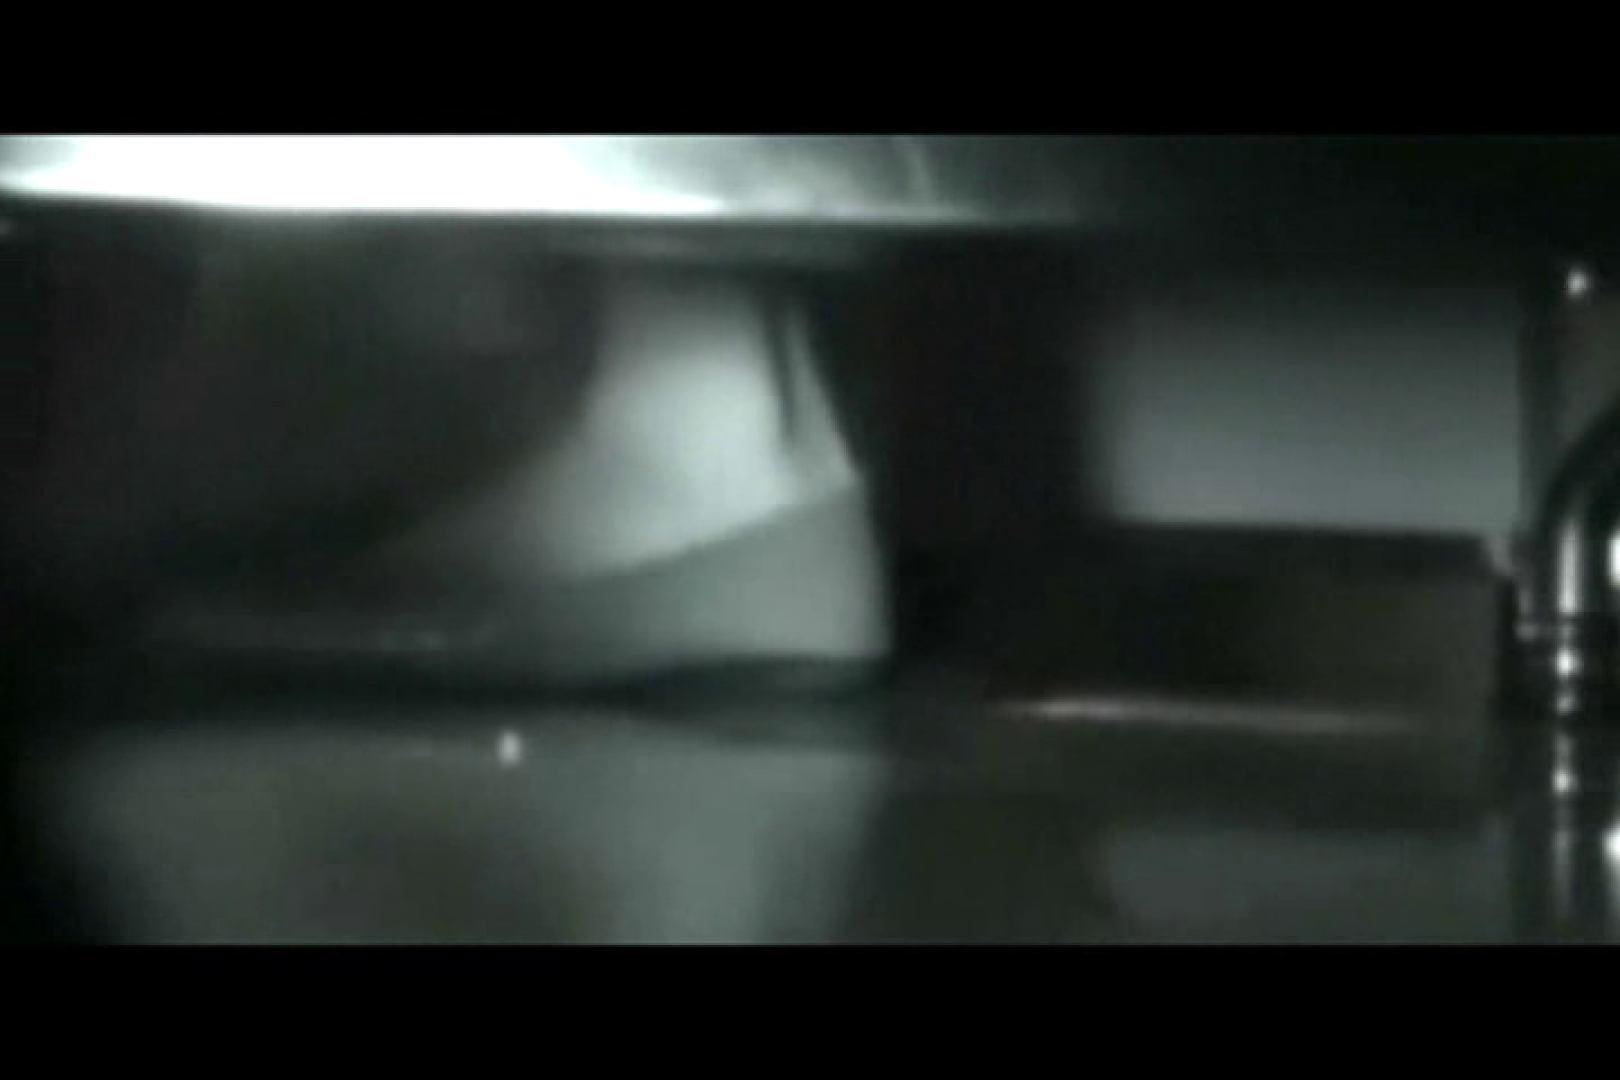 ぼっとん洗面所スペシャルVol.18 おまんこ無修正  76画像 27